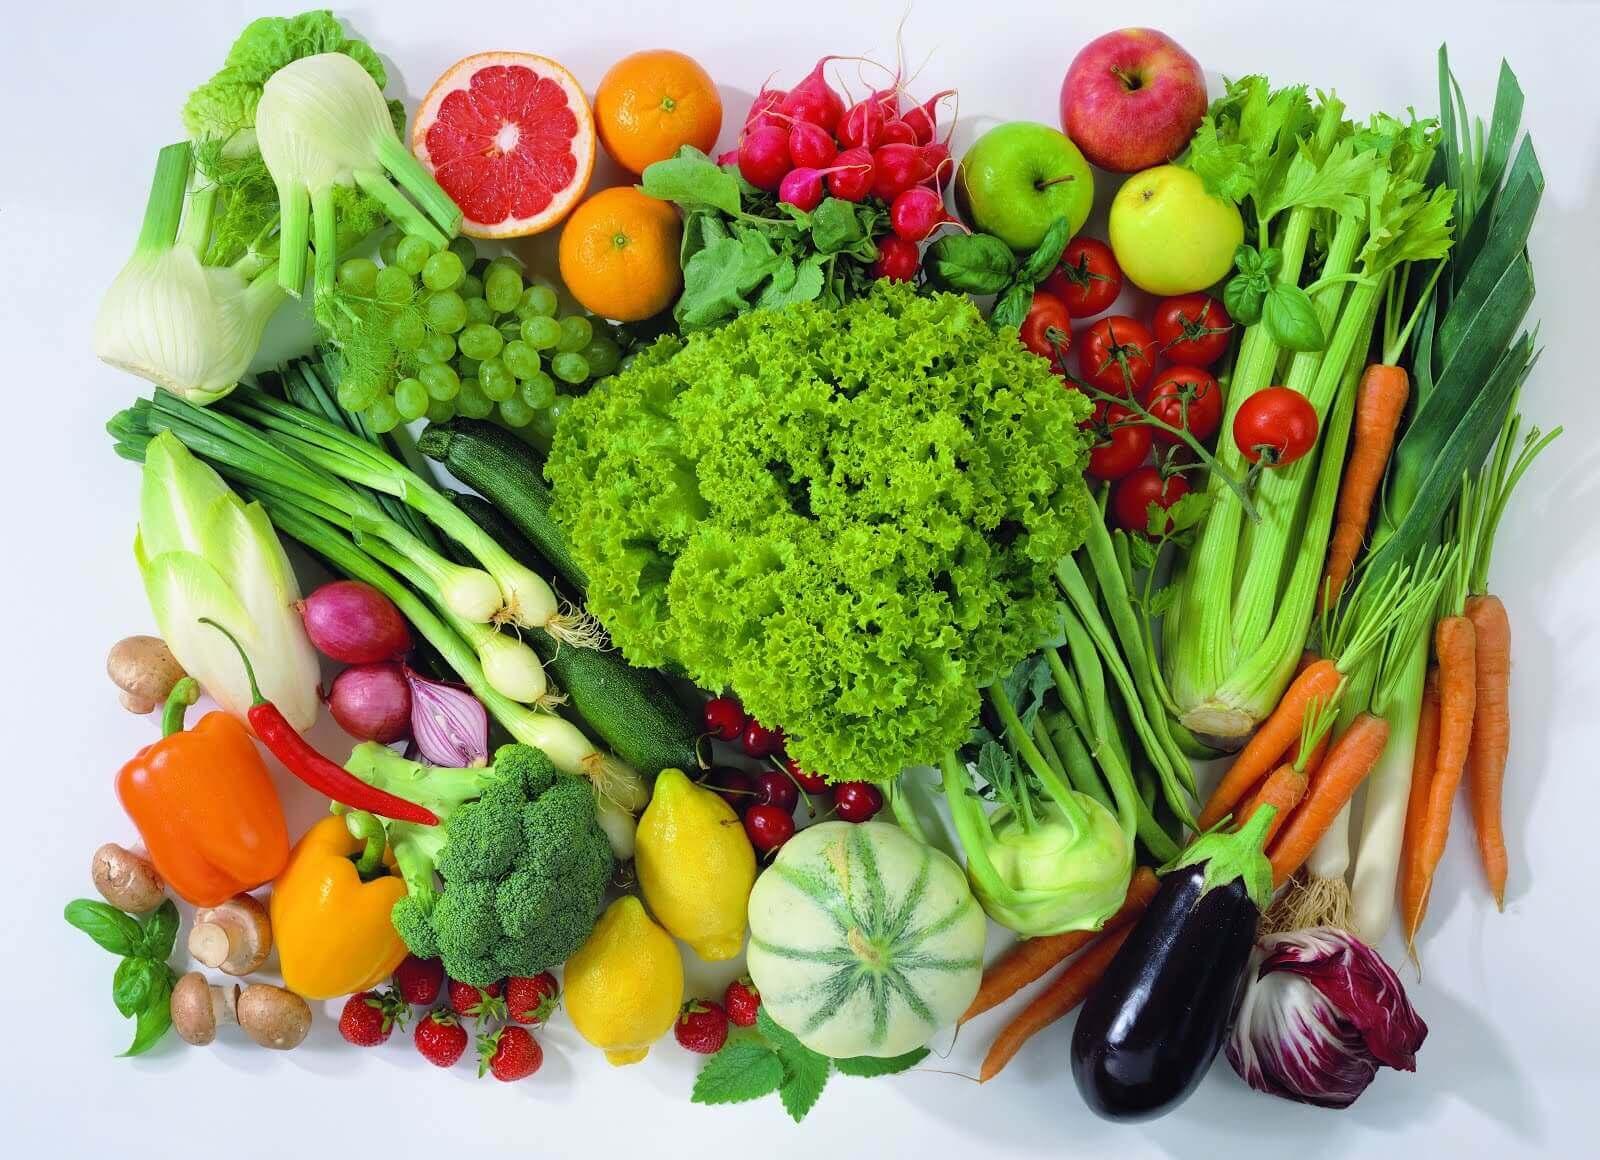 διατροφή για τους διαβητικούς διάφορα λαχανικα